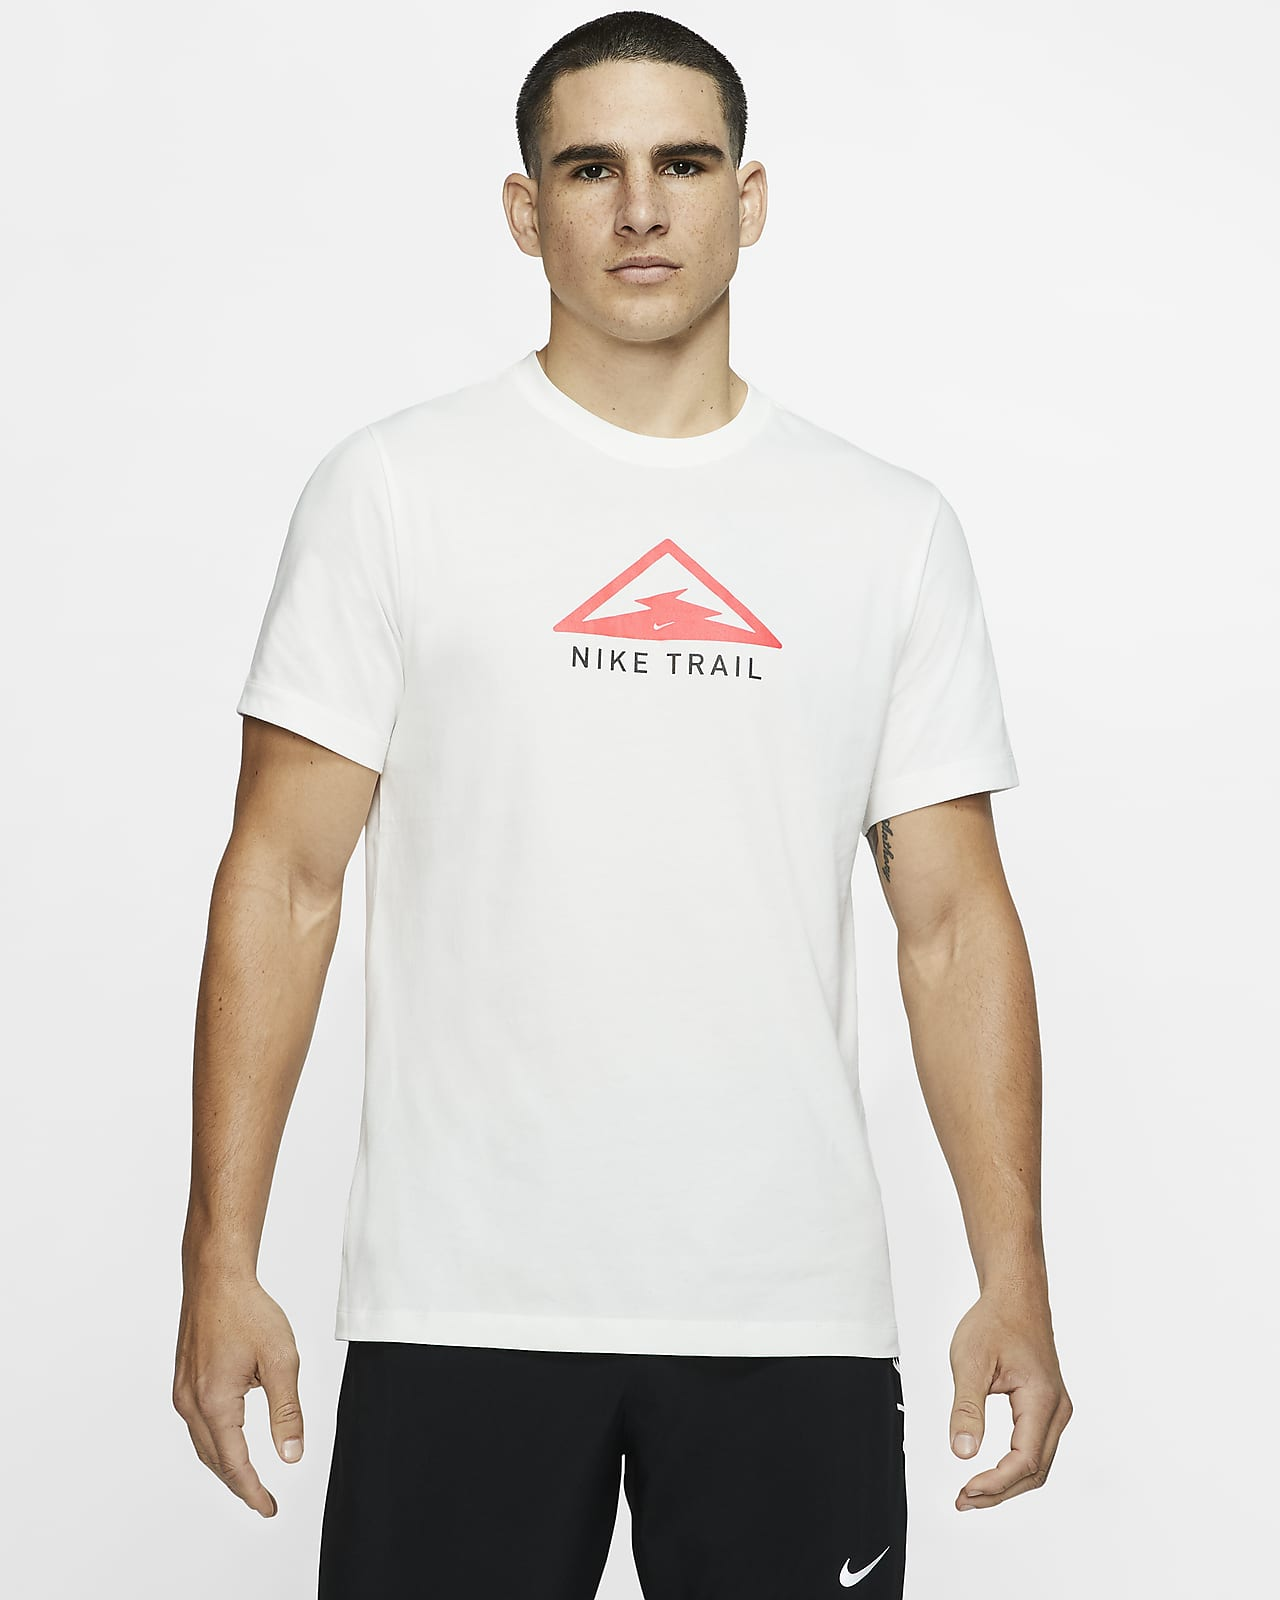 Nike Dri-FIT Trail T-skjorte til terrengløping til herre